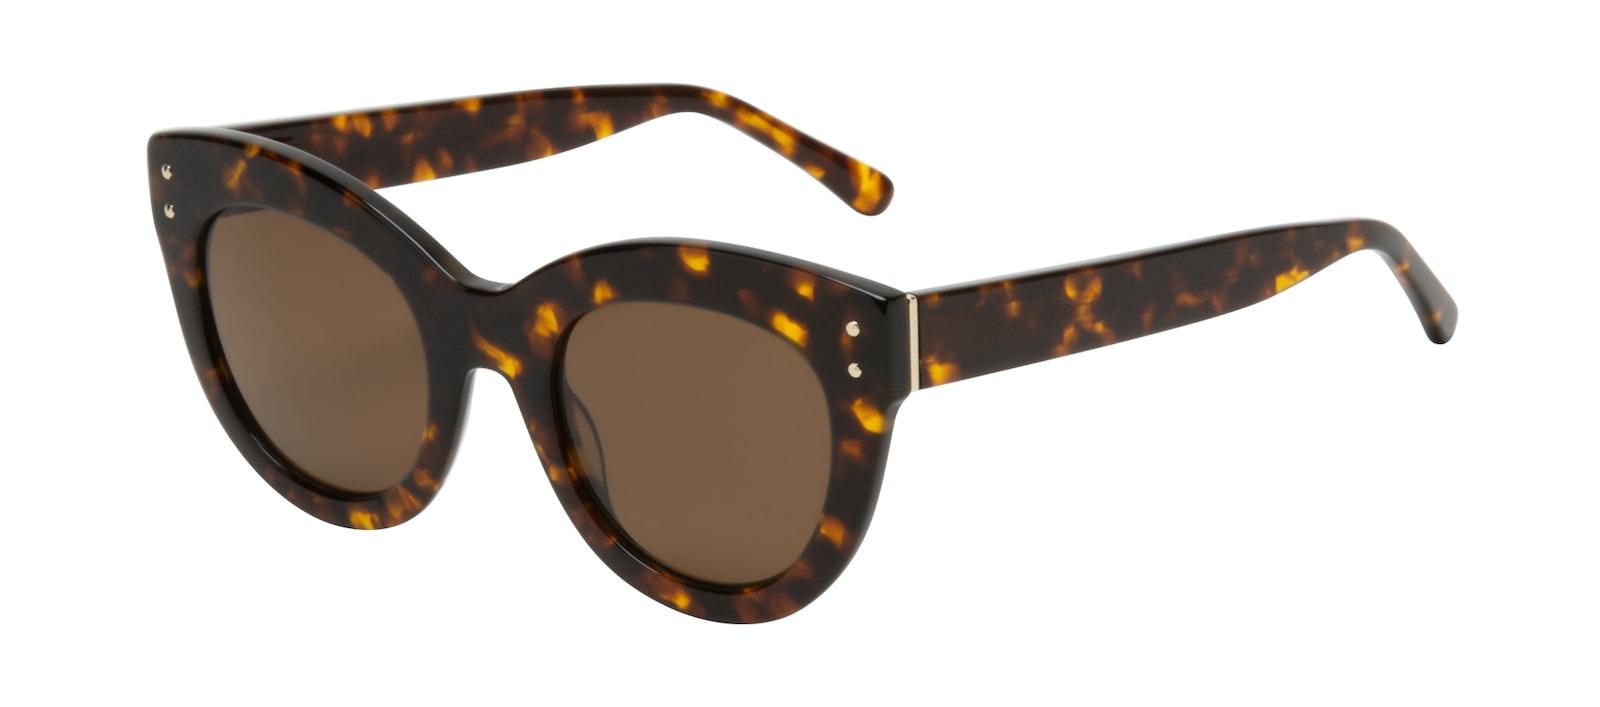 Lunettes tendance Oeil de chat Lunettes de soleil Femmes Groove Tortoise Incliné